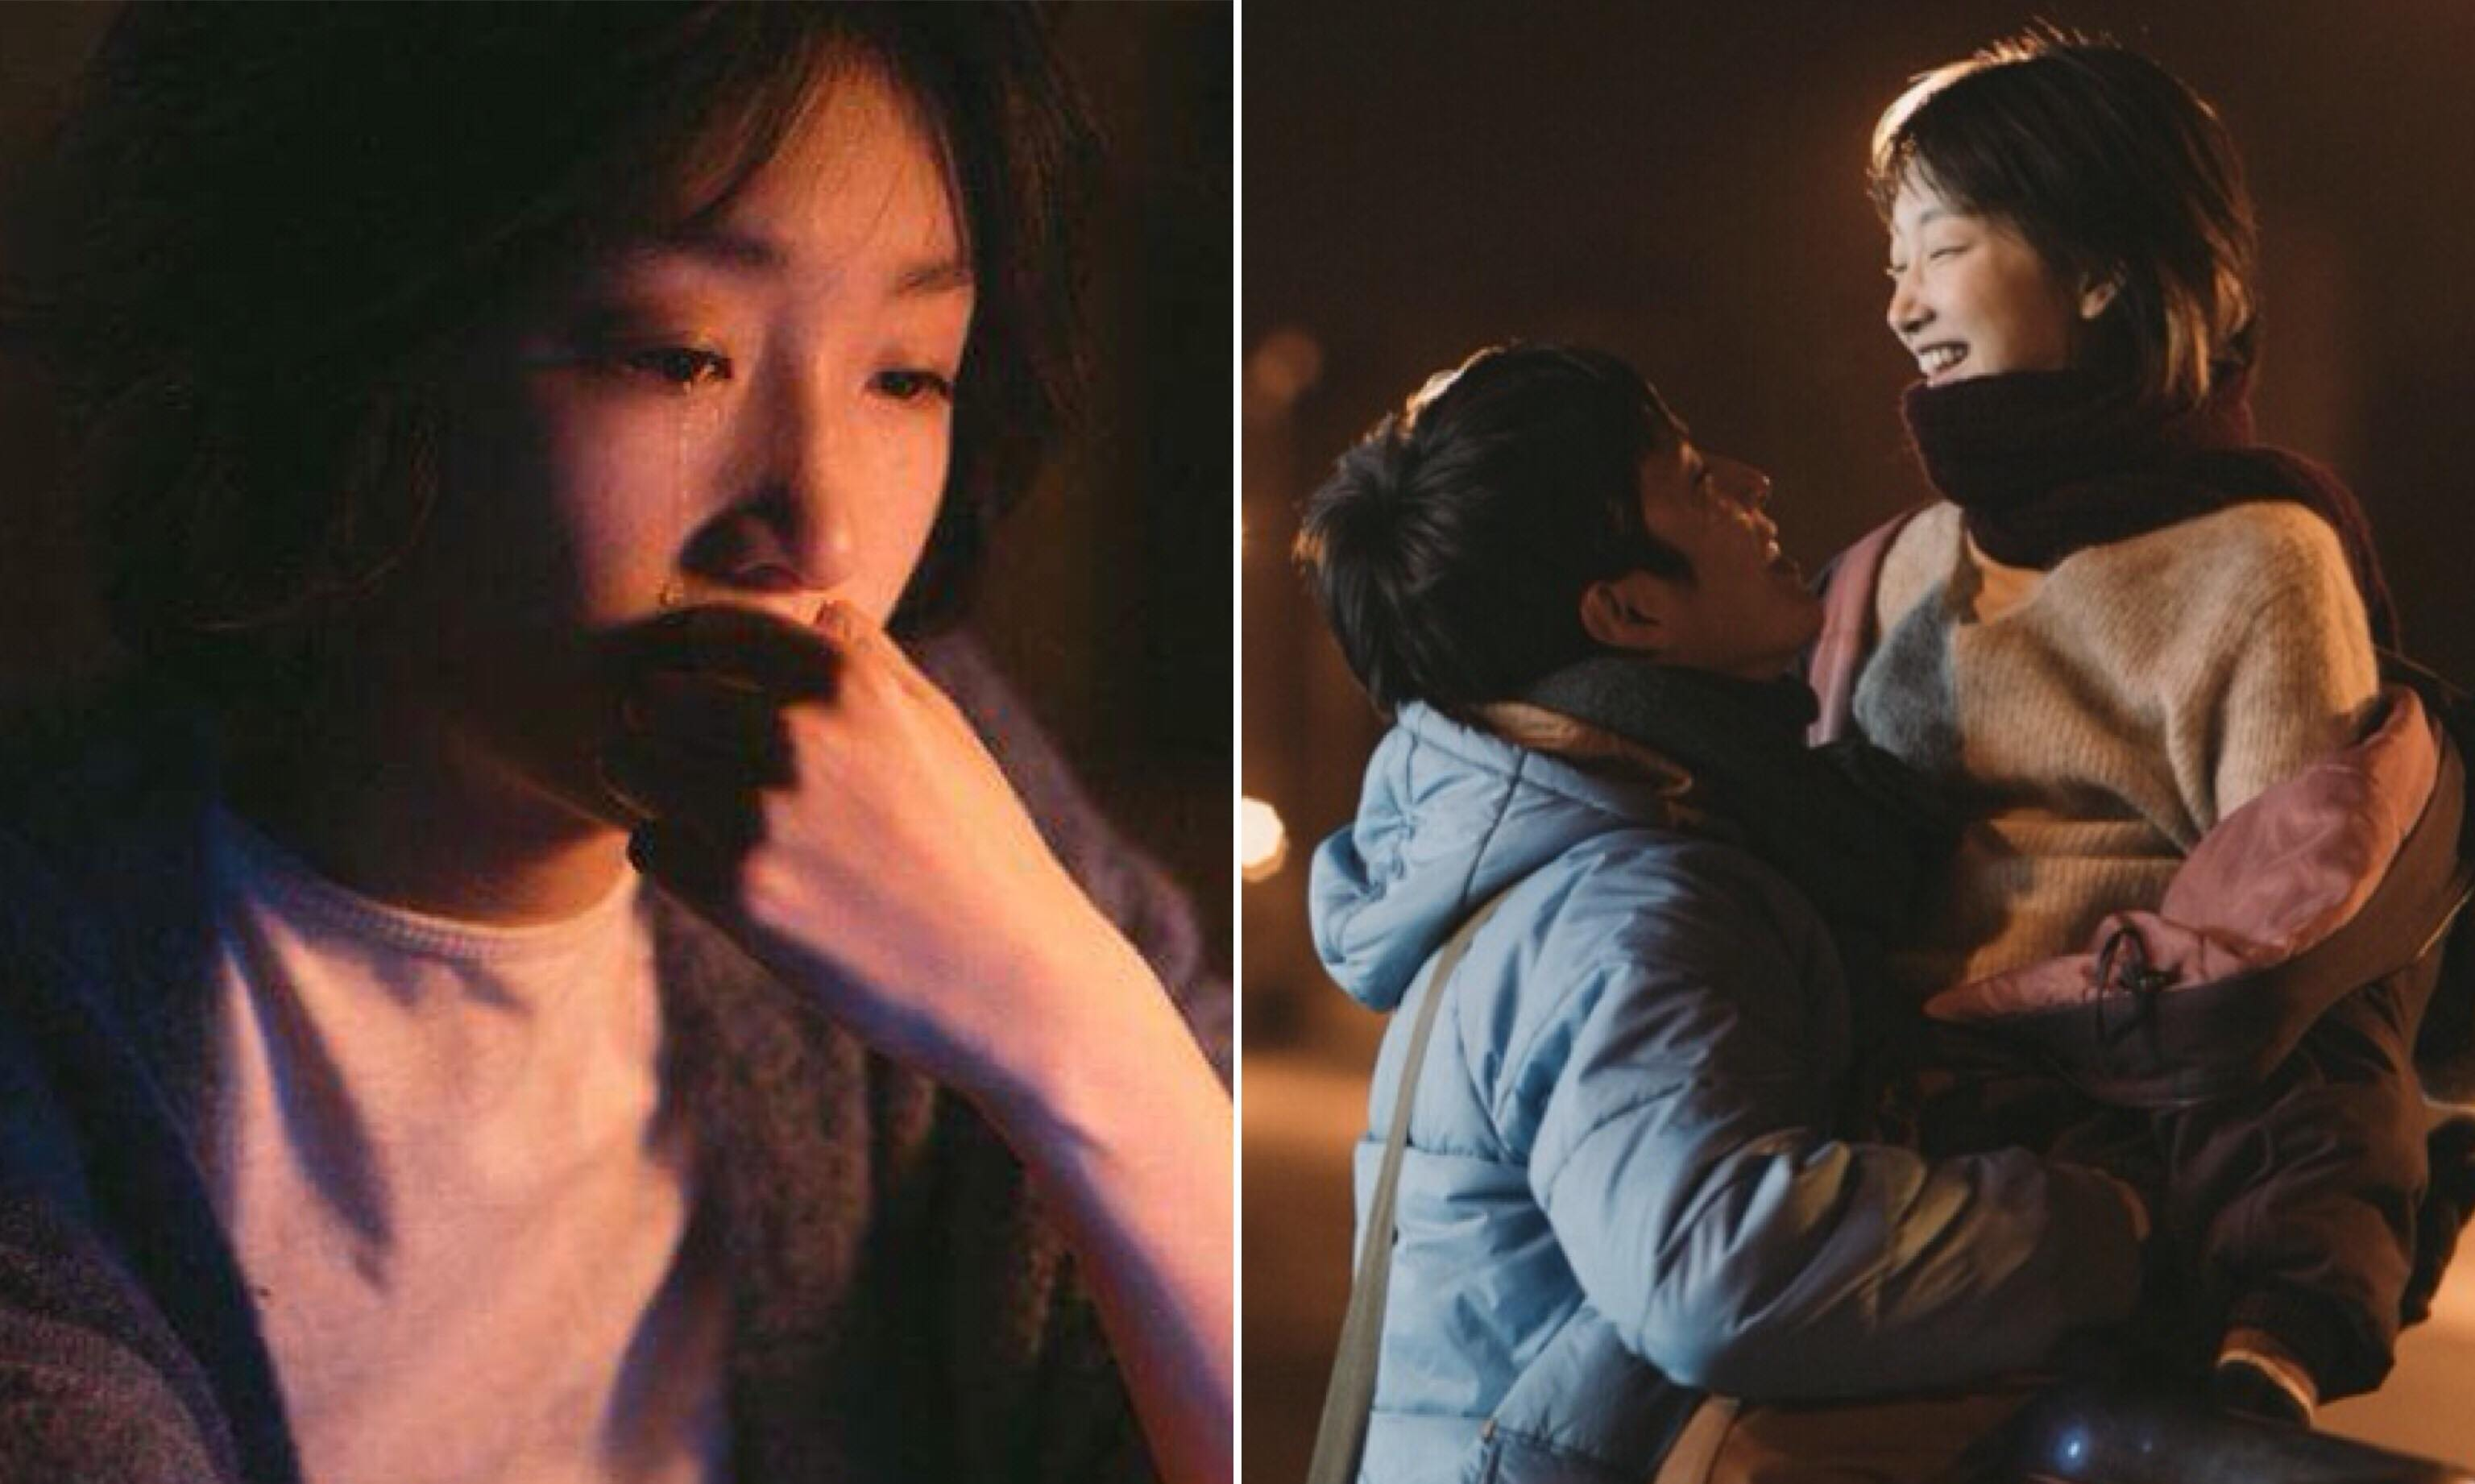 「為什麼《後來的我們》會讓人哭乾眼淚?」看完你會發現,原來愛情故事的最後都只有這 2 種結局! – 我們用電影寫日記